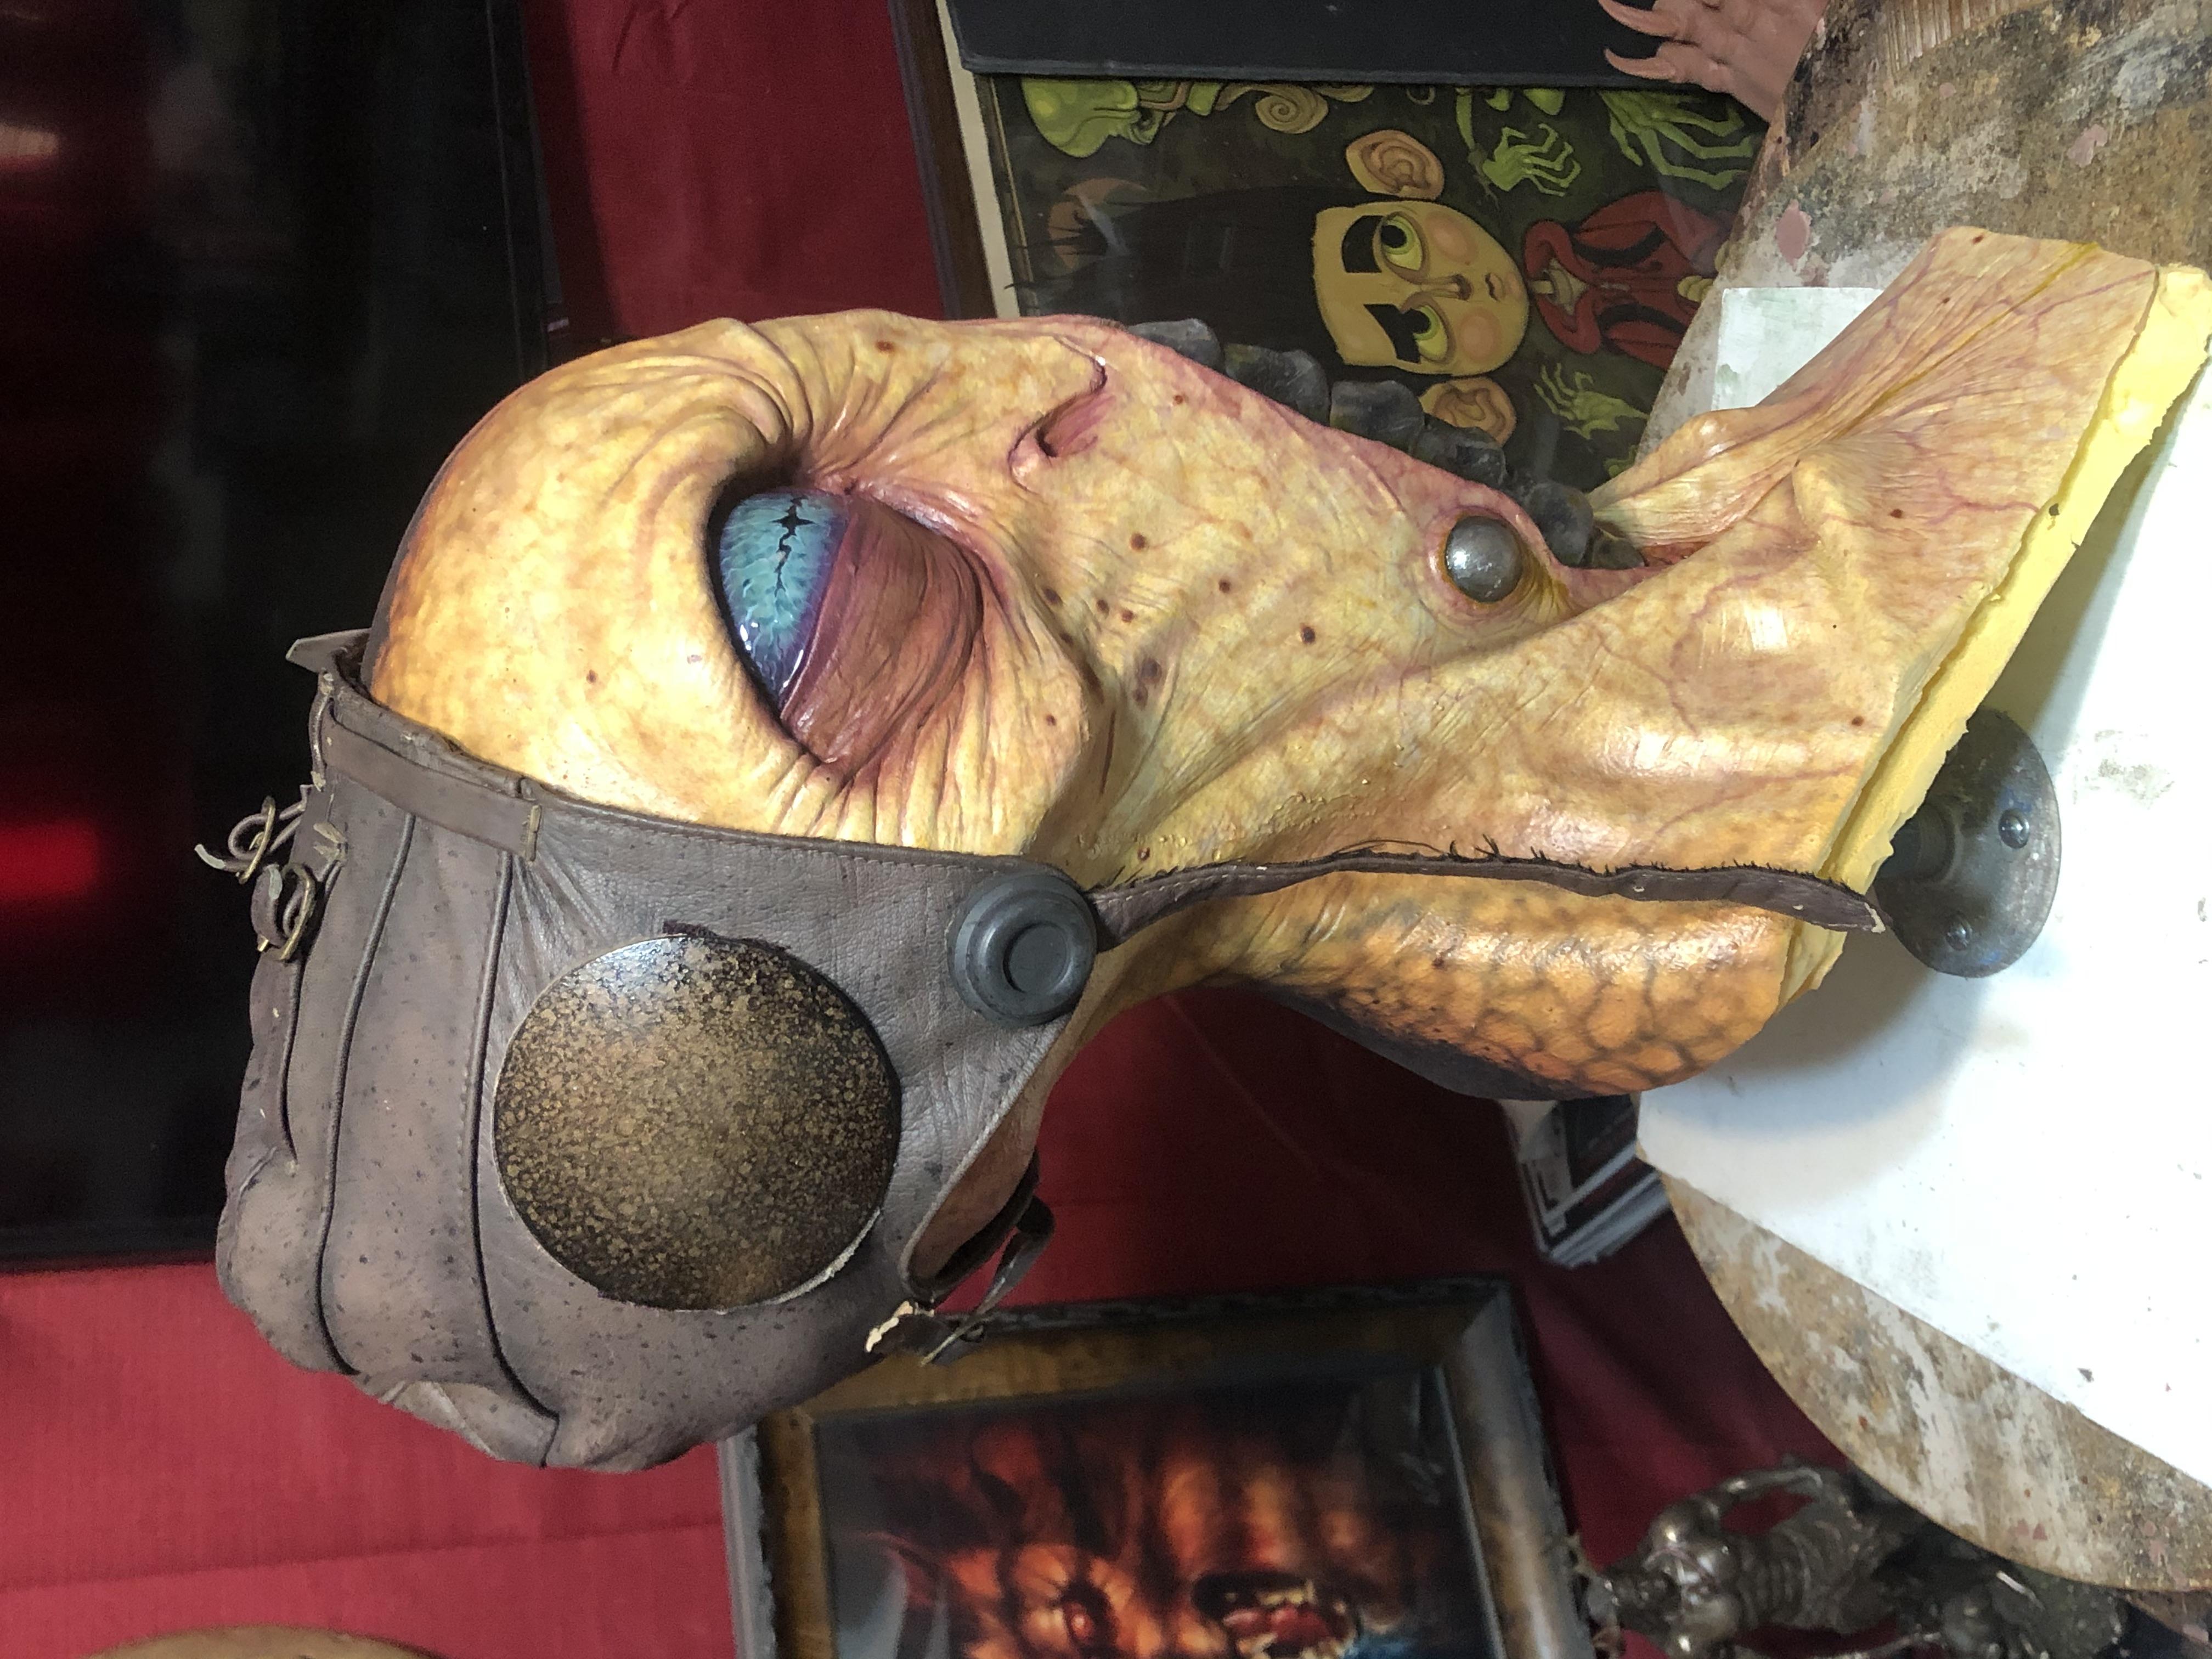 Original cantina creature #6